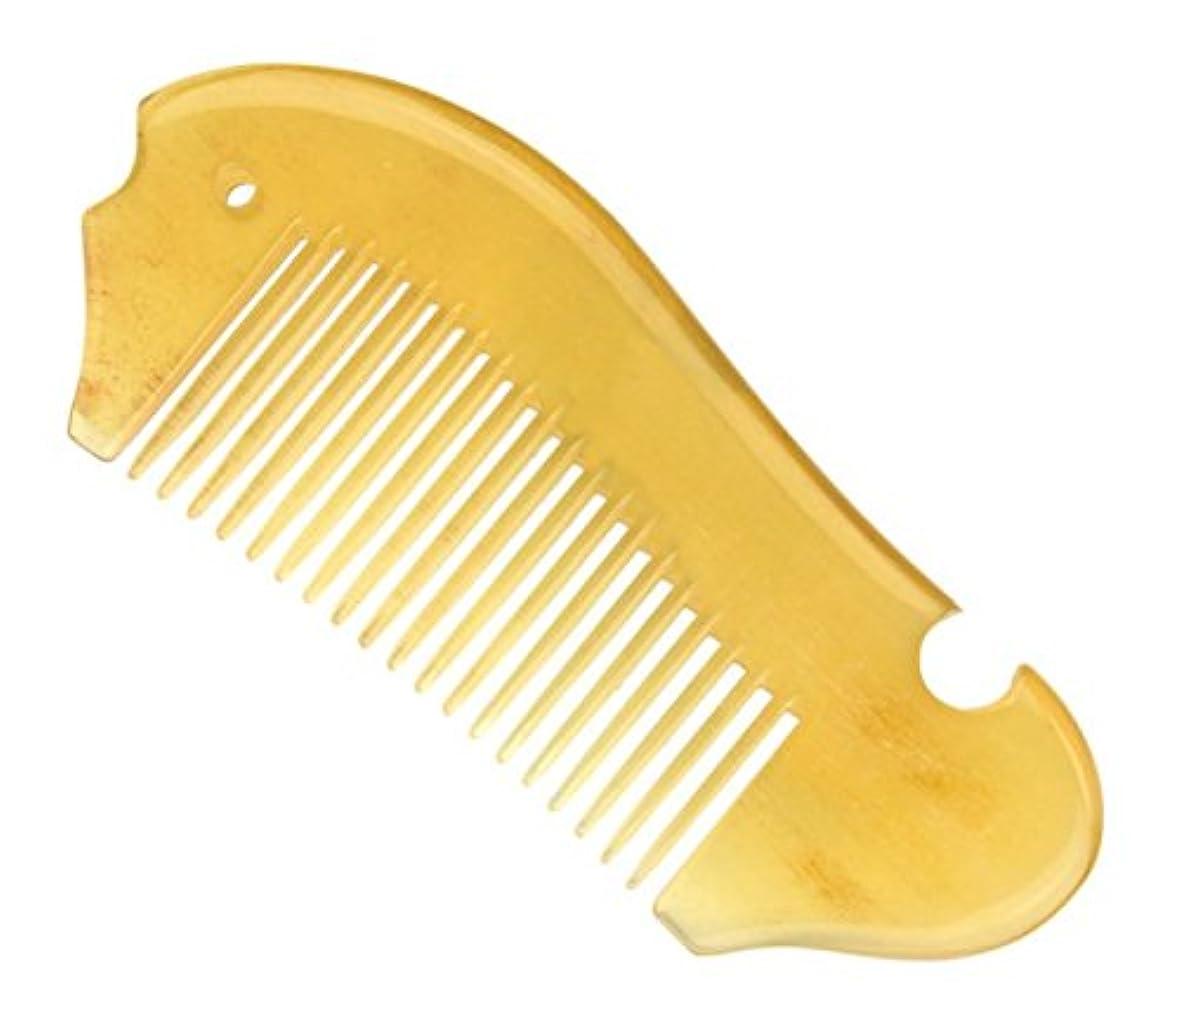 過度にぴかぴか励起櫛型 プロも使う羊角かっさプレート マサージ用 血行改善 高級 天然 静電気防止 美髪 美顔 ボディ リンパマッサージ